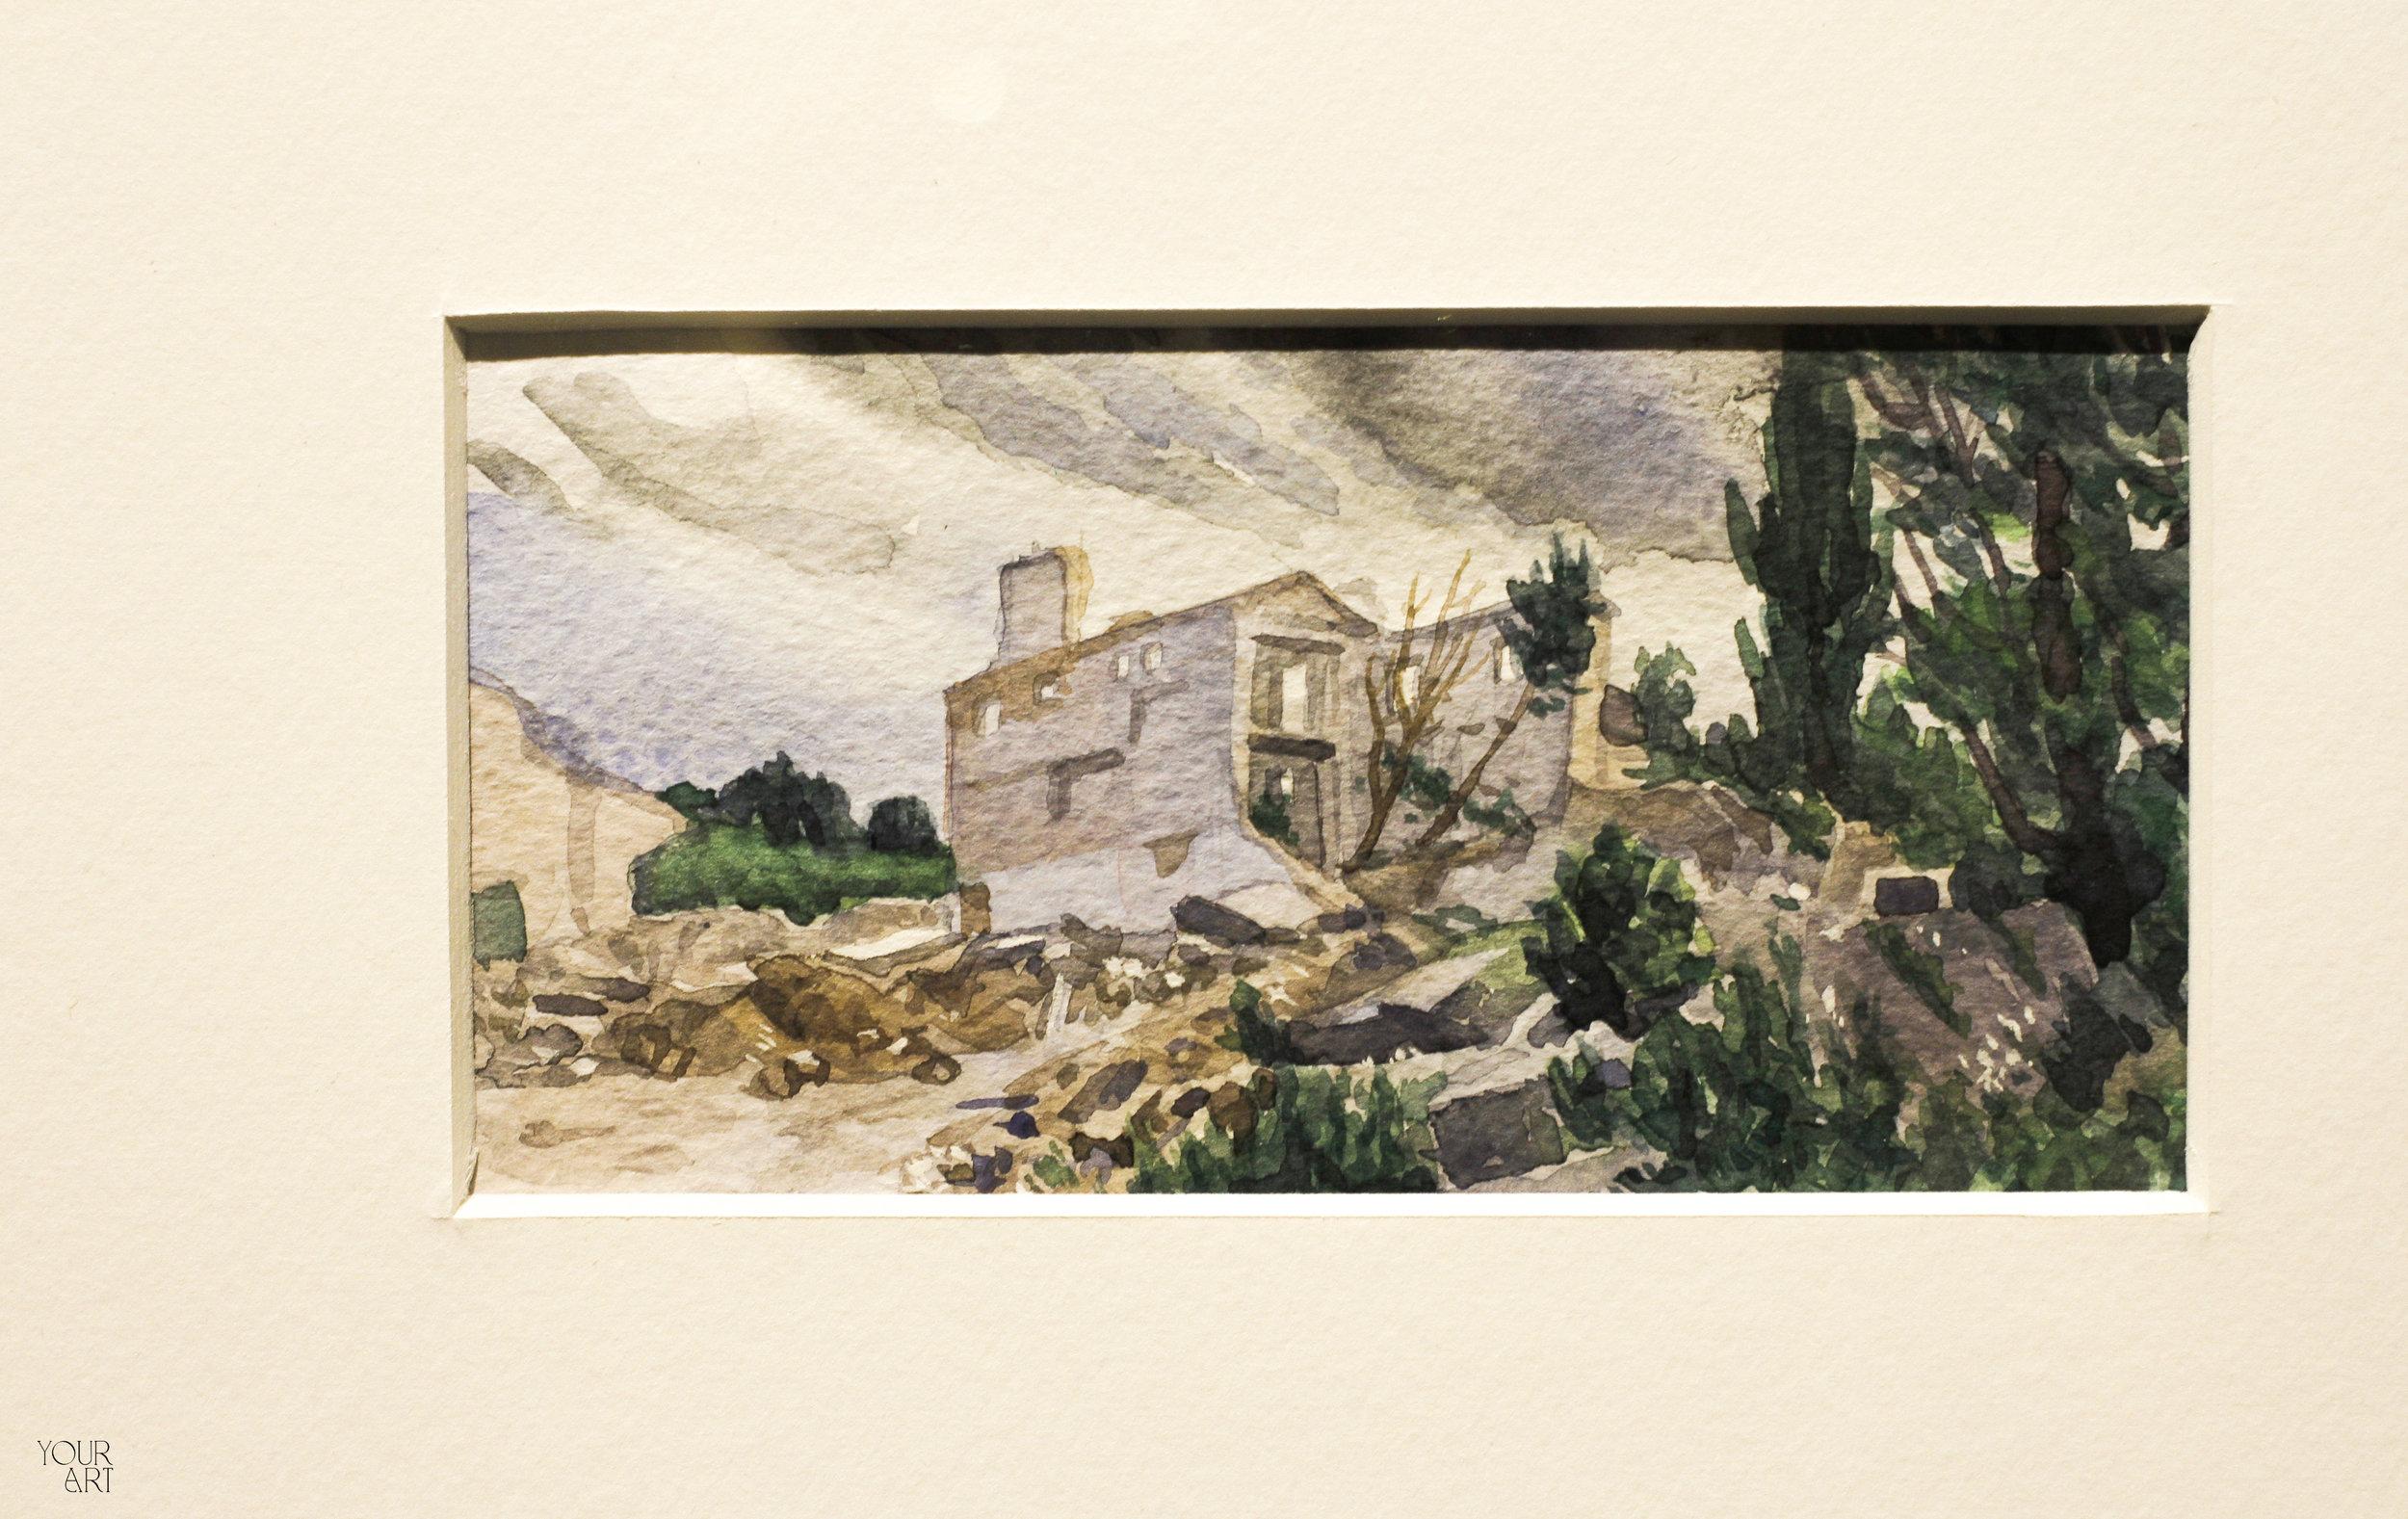 «Подорожні нотатки»: Анна Щербина та Сергій Сабакарь про виставку